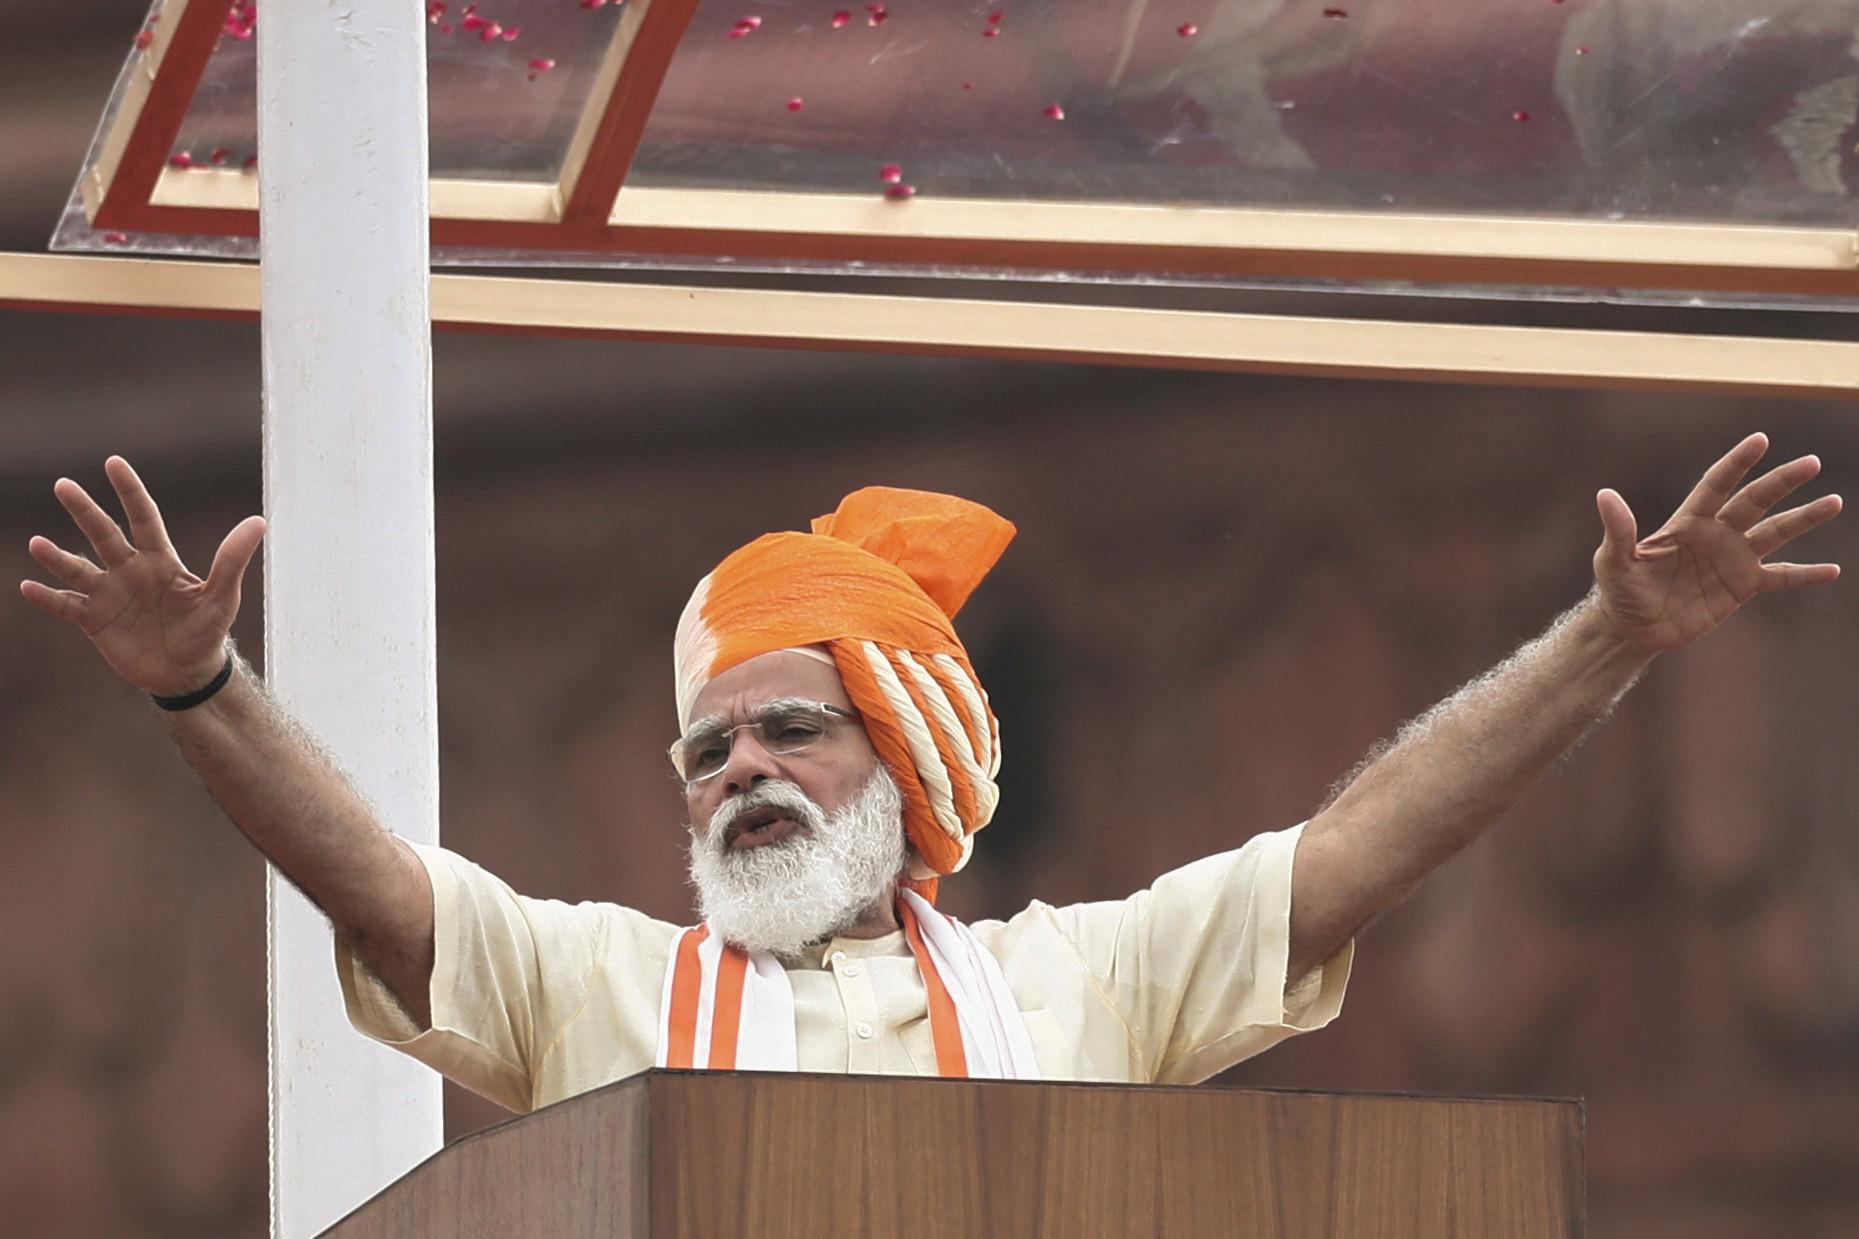 印度,辛度,種姓制度,社會體系,階層化,官僚主義,三個傻瓜